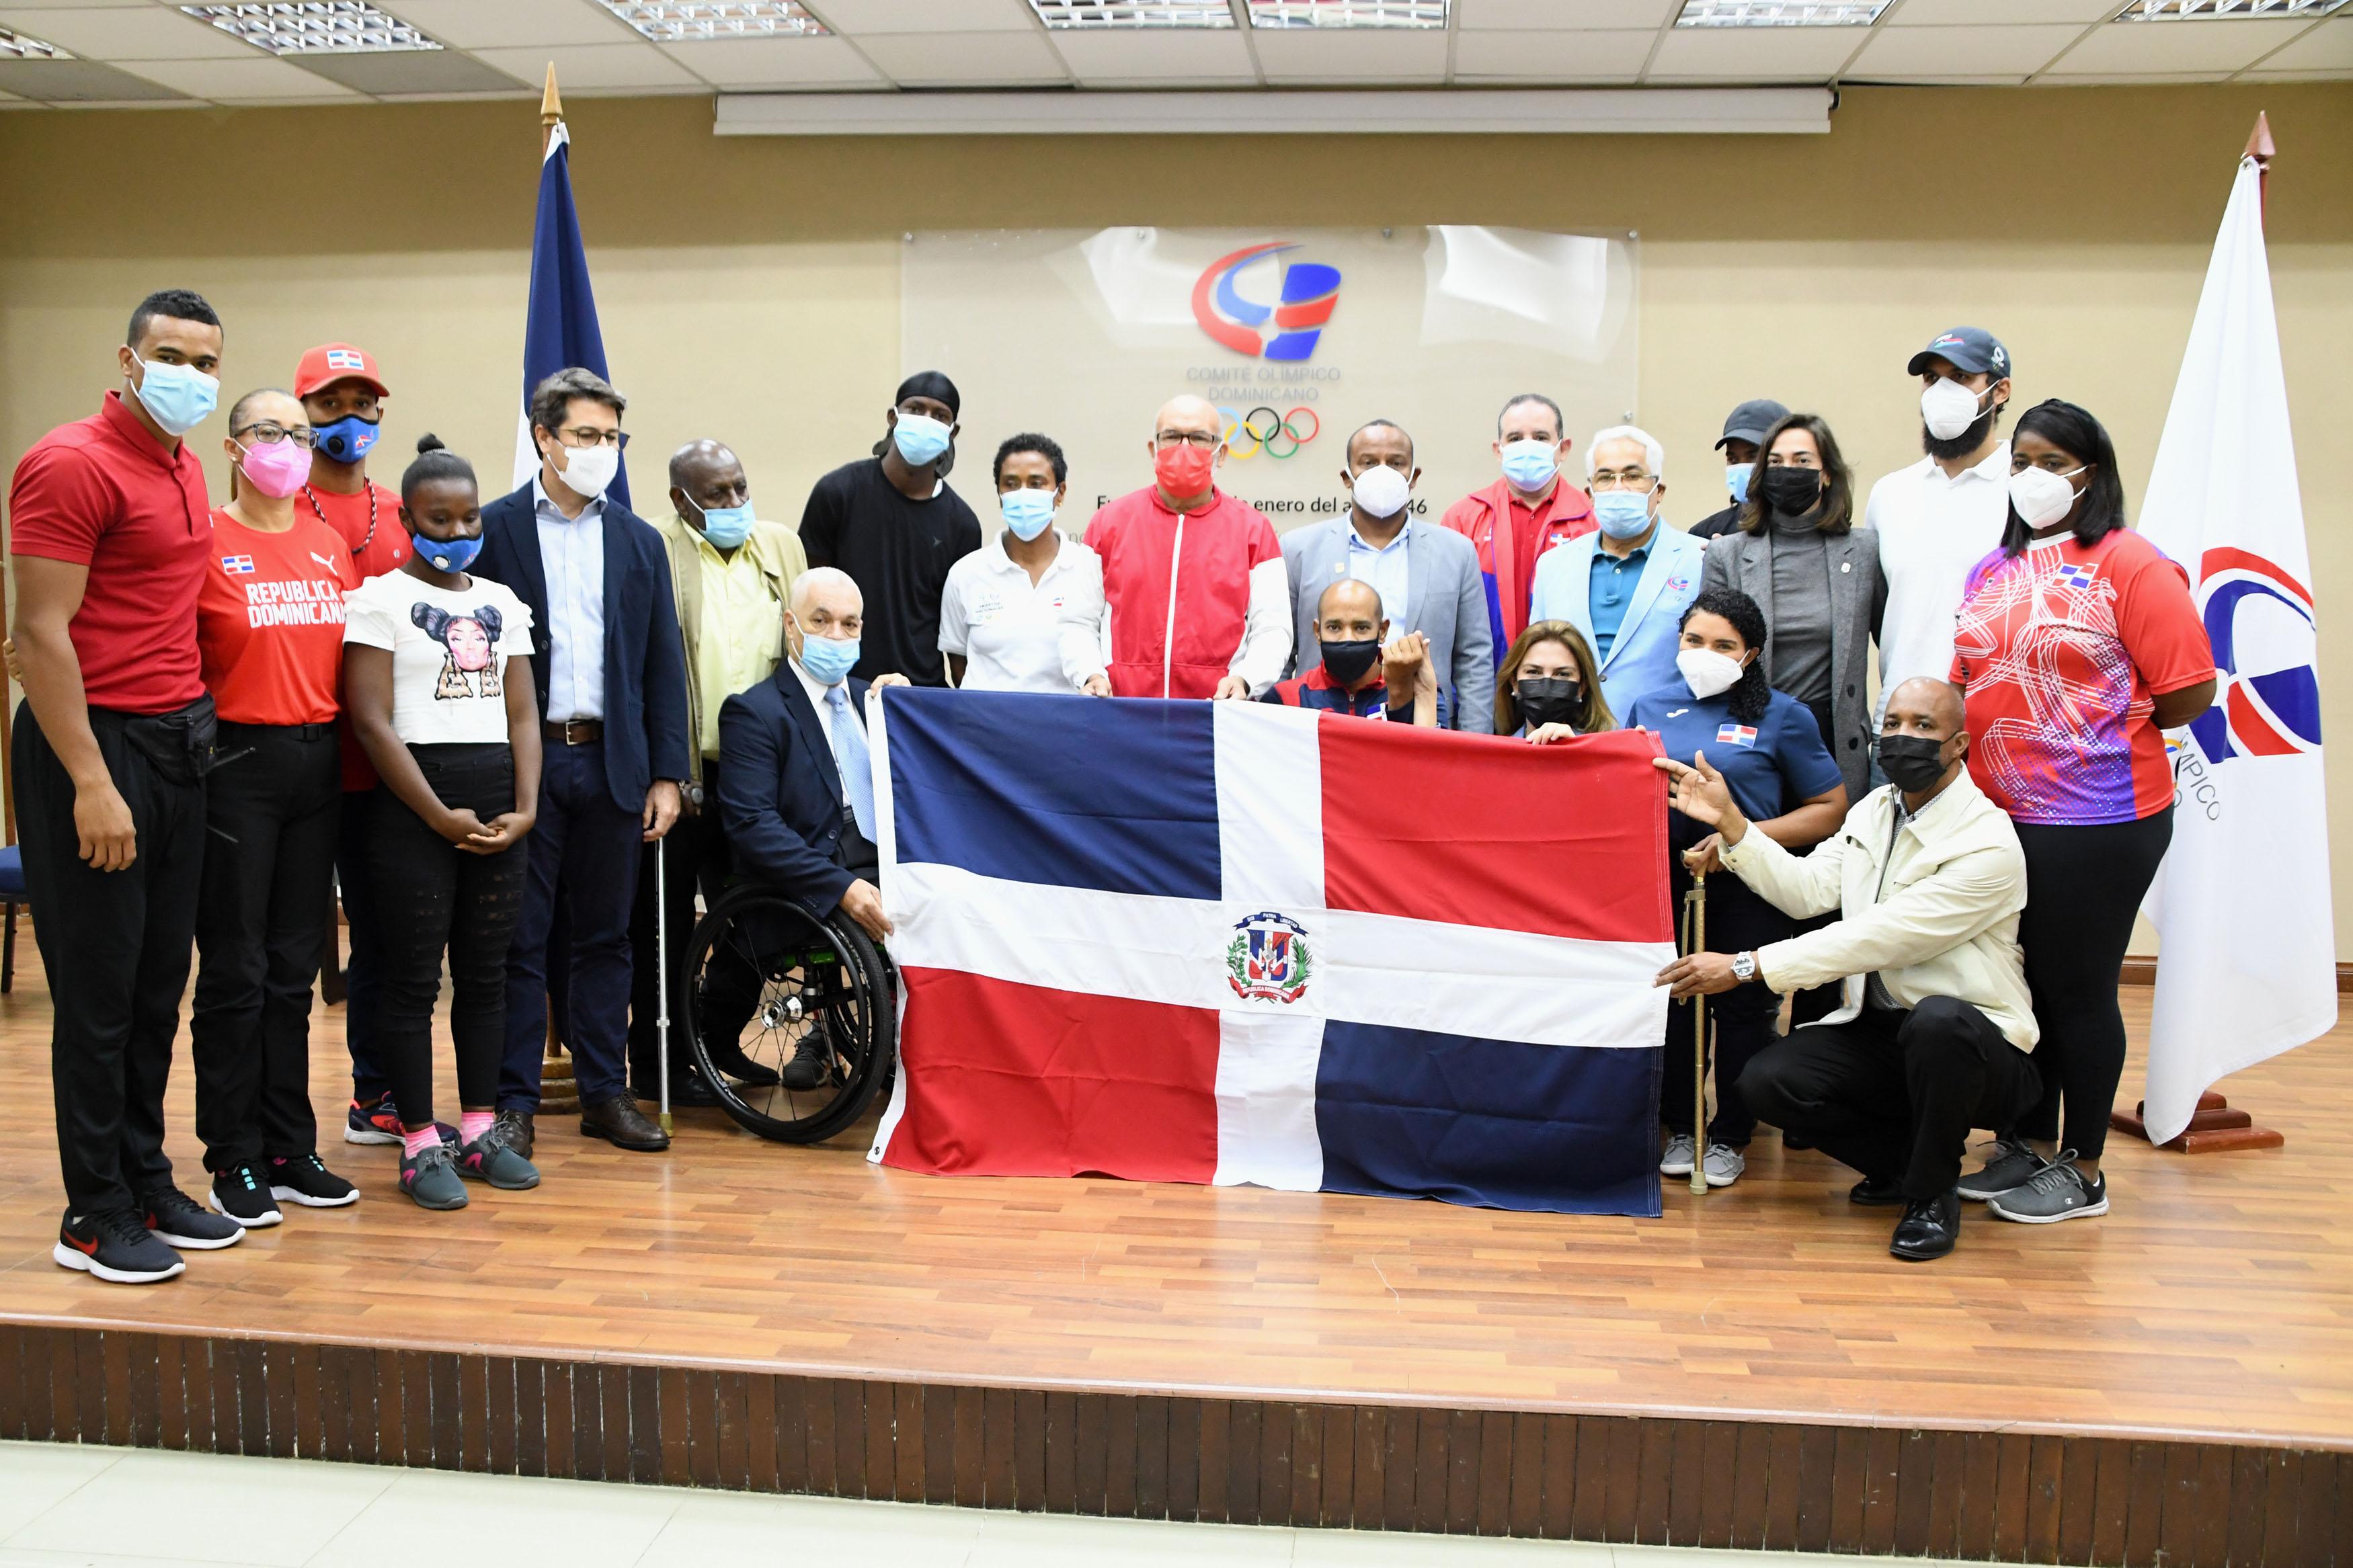 Alcaldesa Mejía entrega bandera a delegación paralímpica irá a Tokio